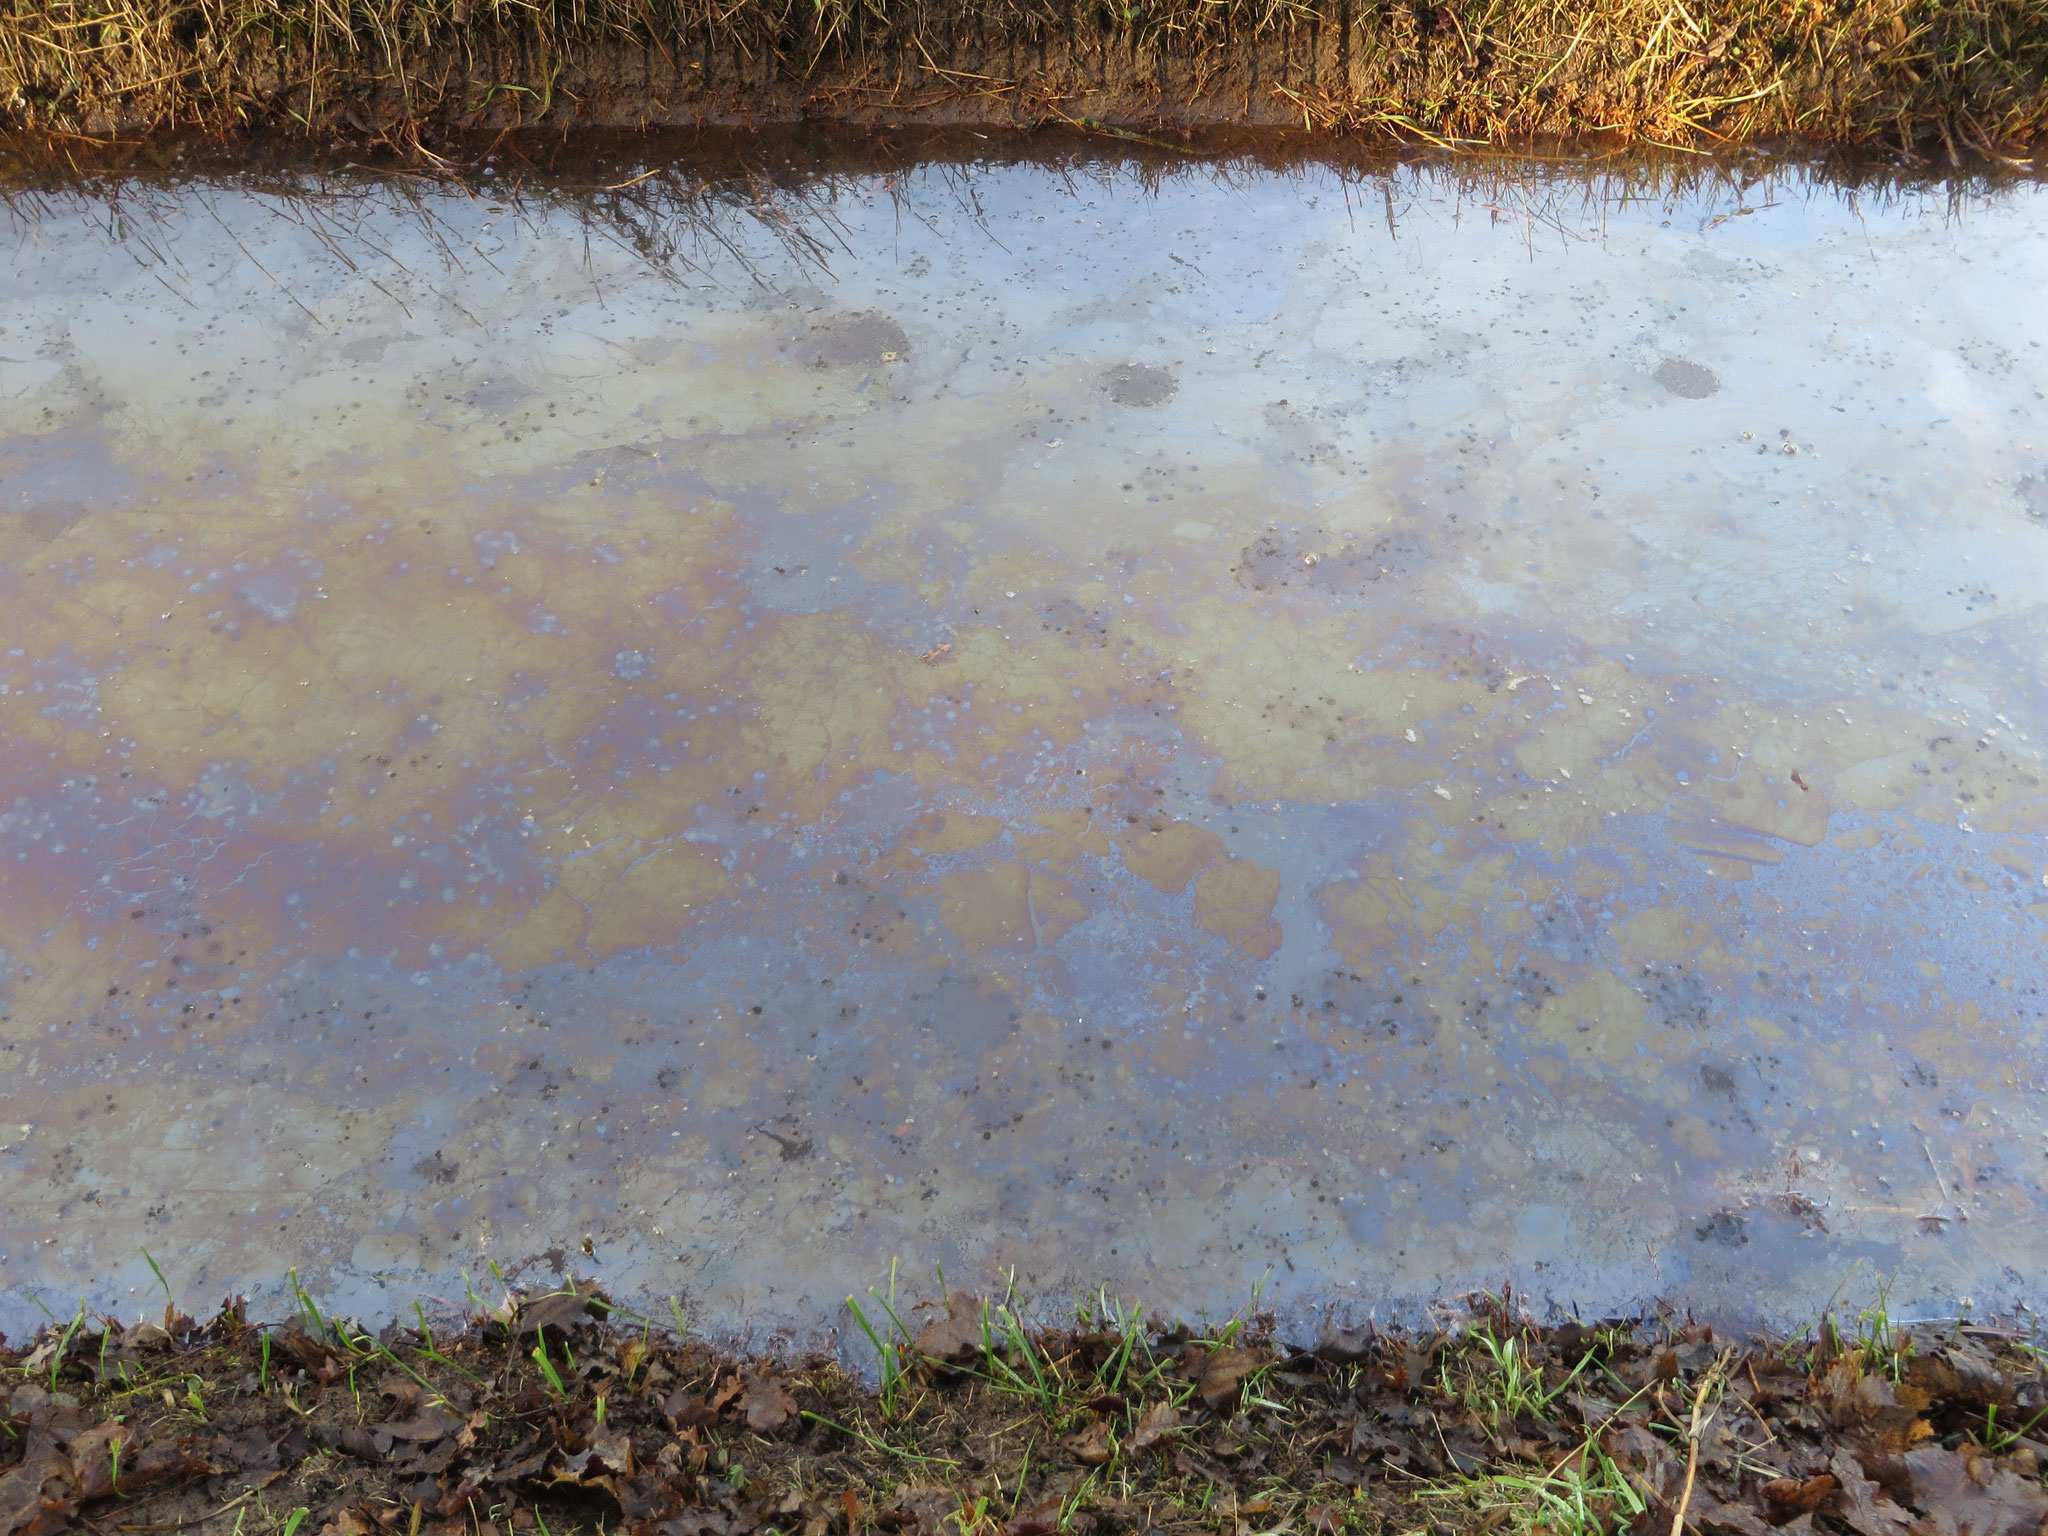 Kleurenpatroon van ijzerbacteriën. De verschillende kleuren ontstaan door de verschillende lichtinval en samenstelling van de laag bacteriën.